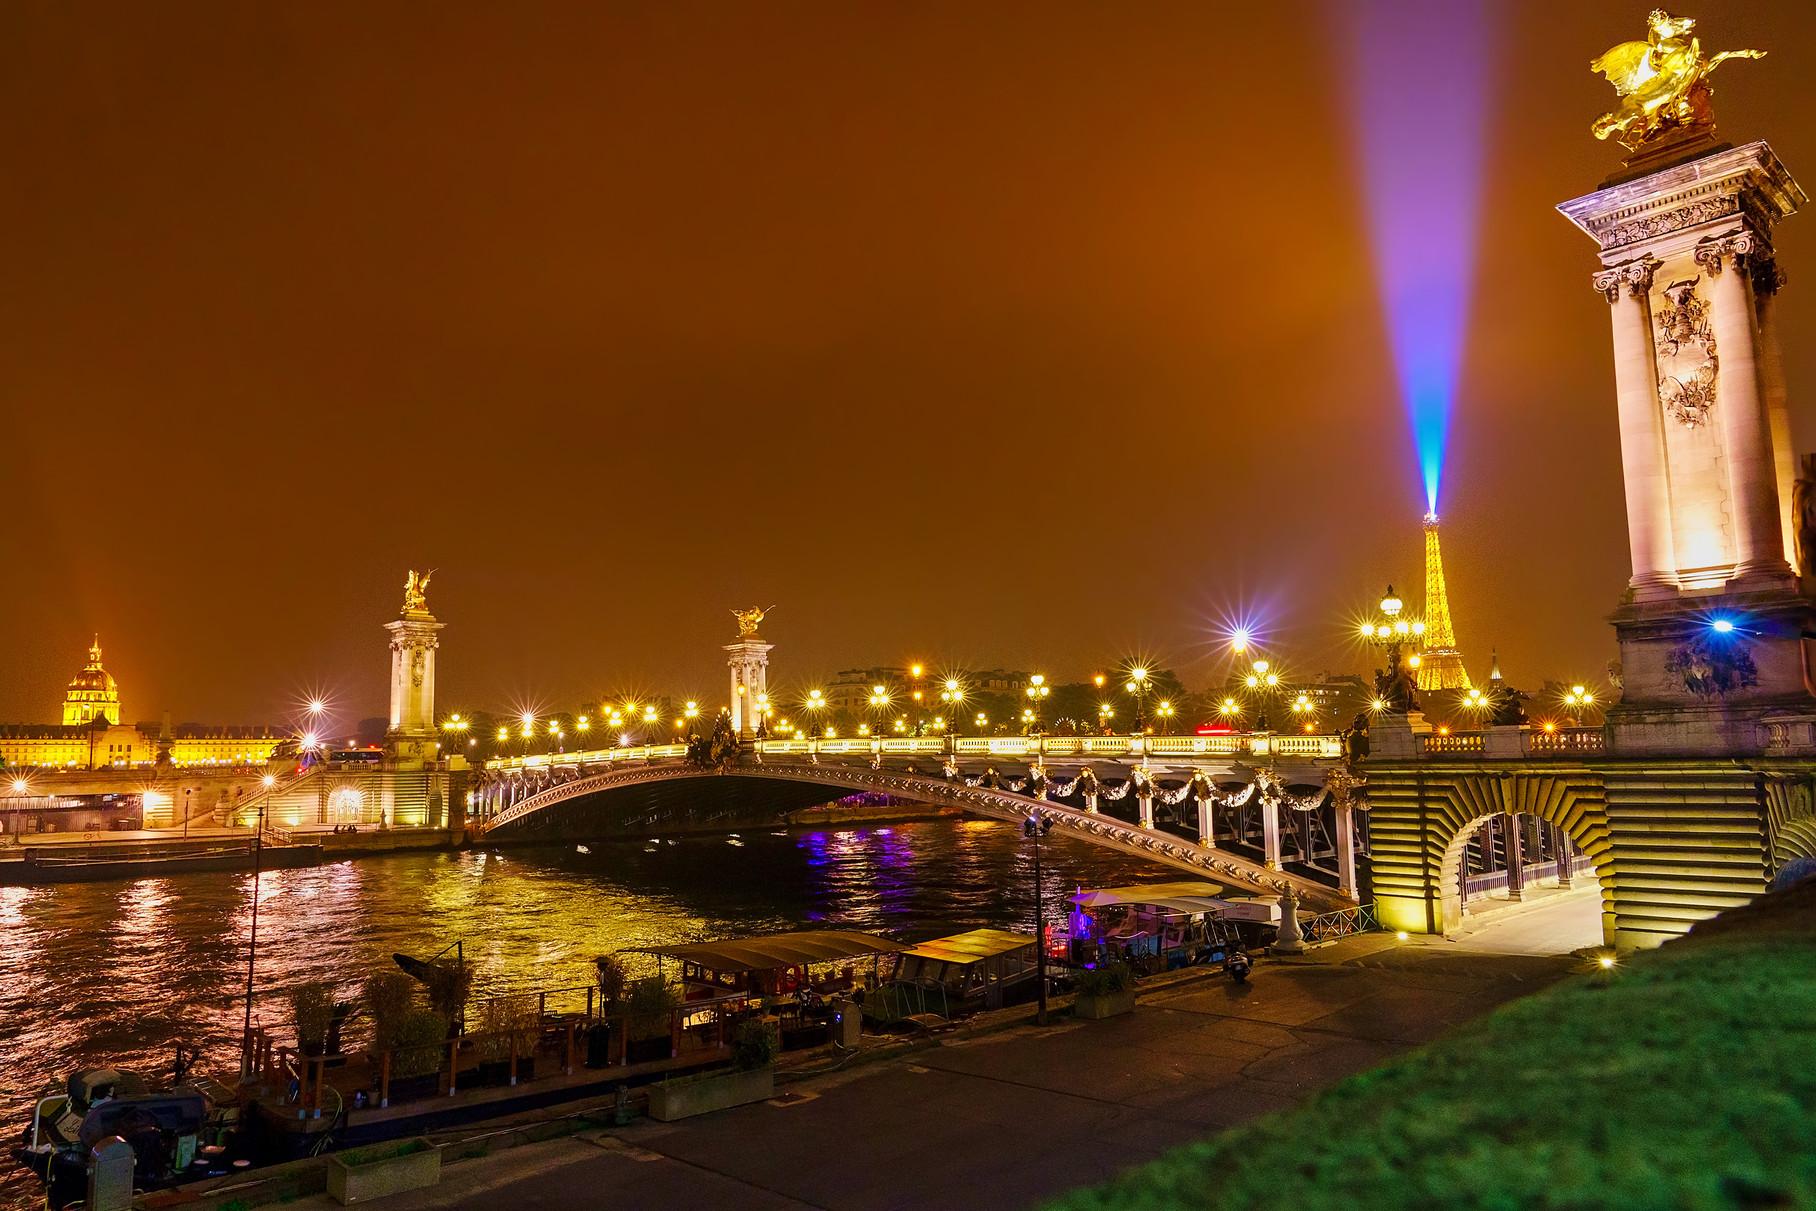 _VKS2123_Paris_11x14_300ppi.jpg